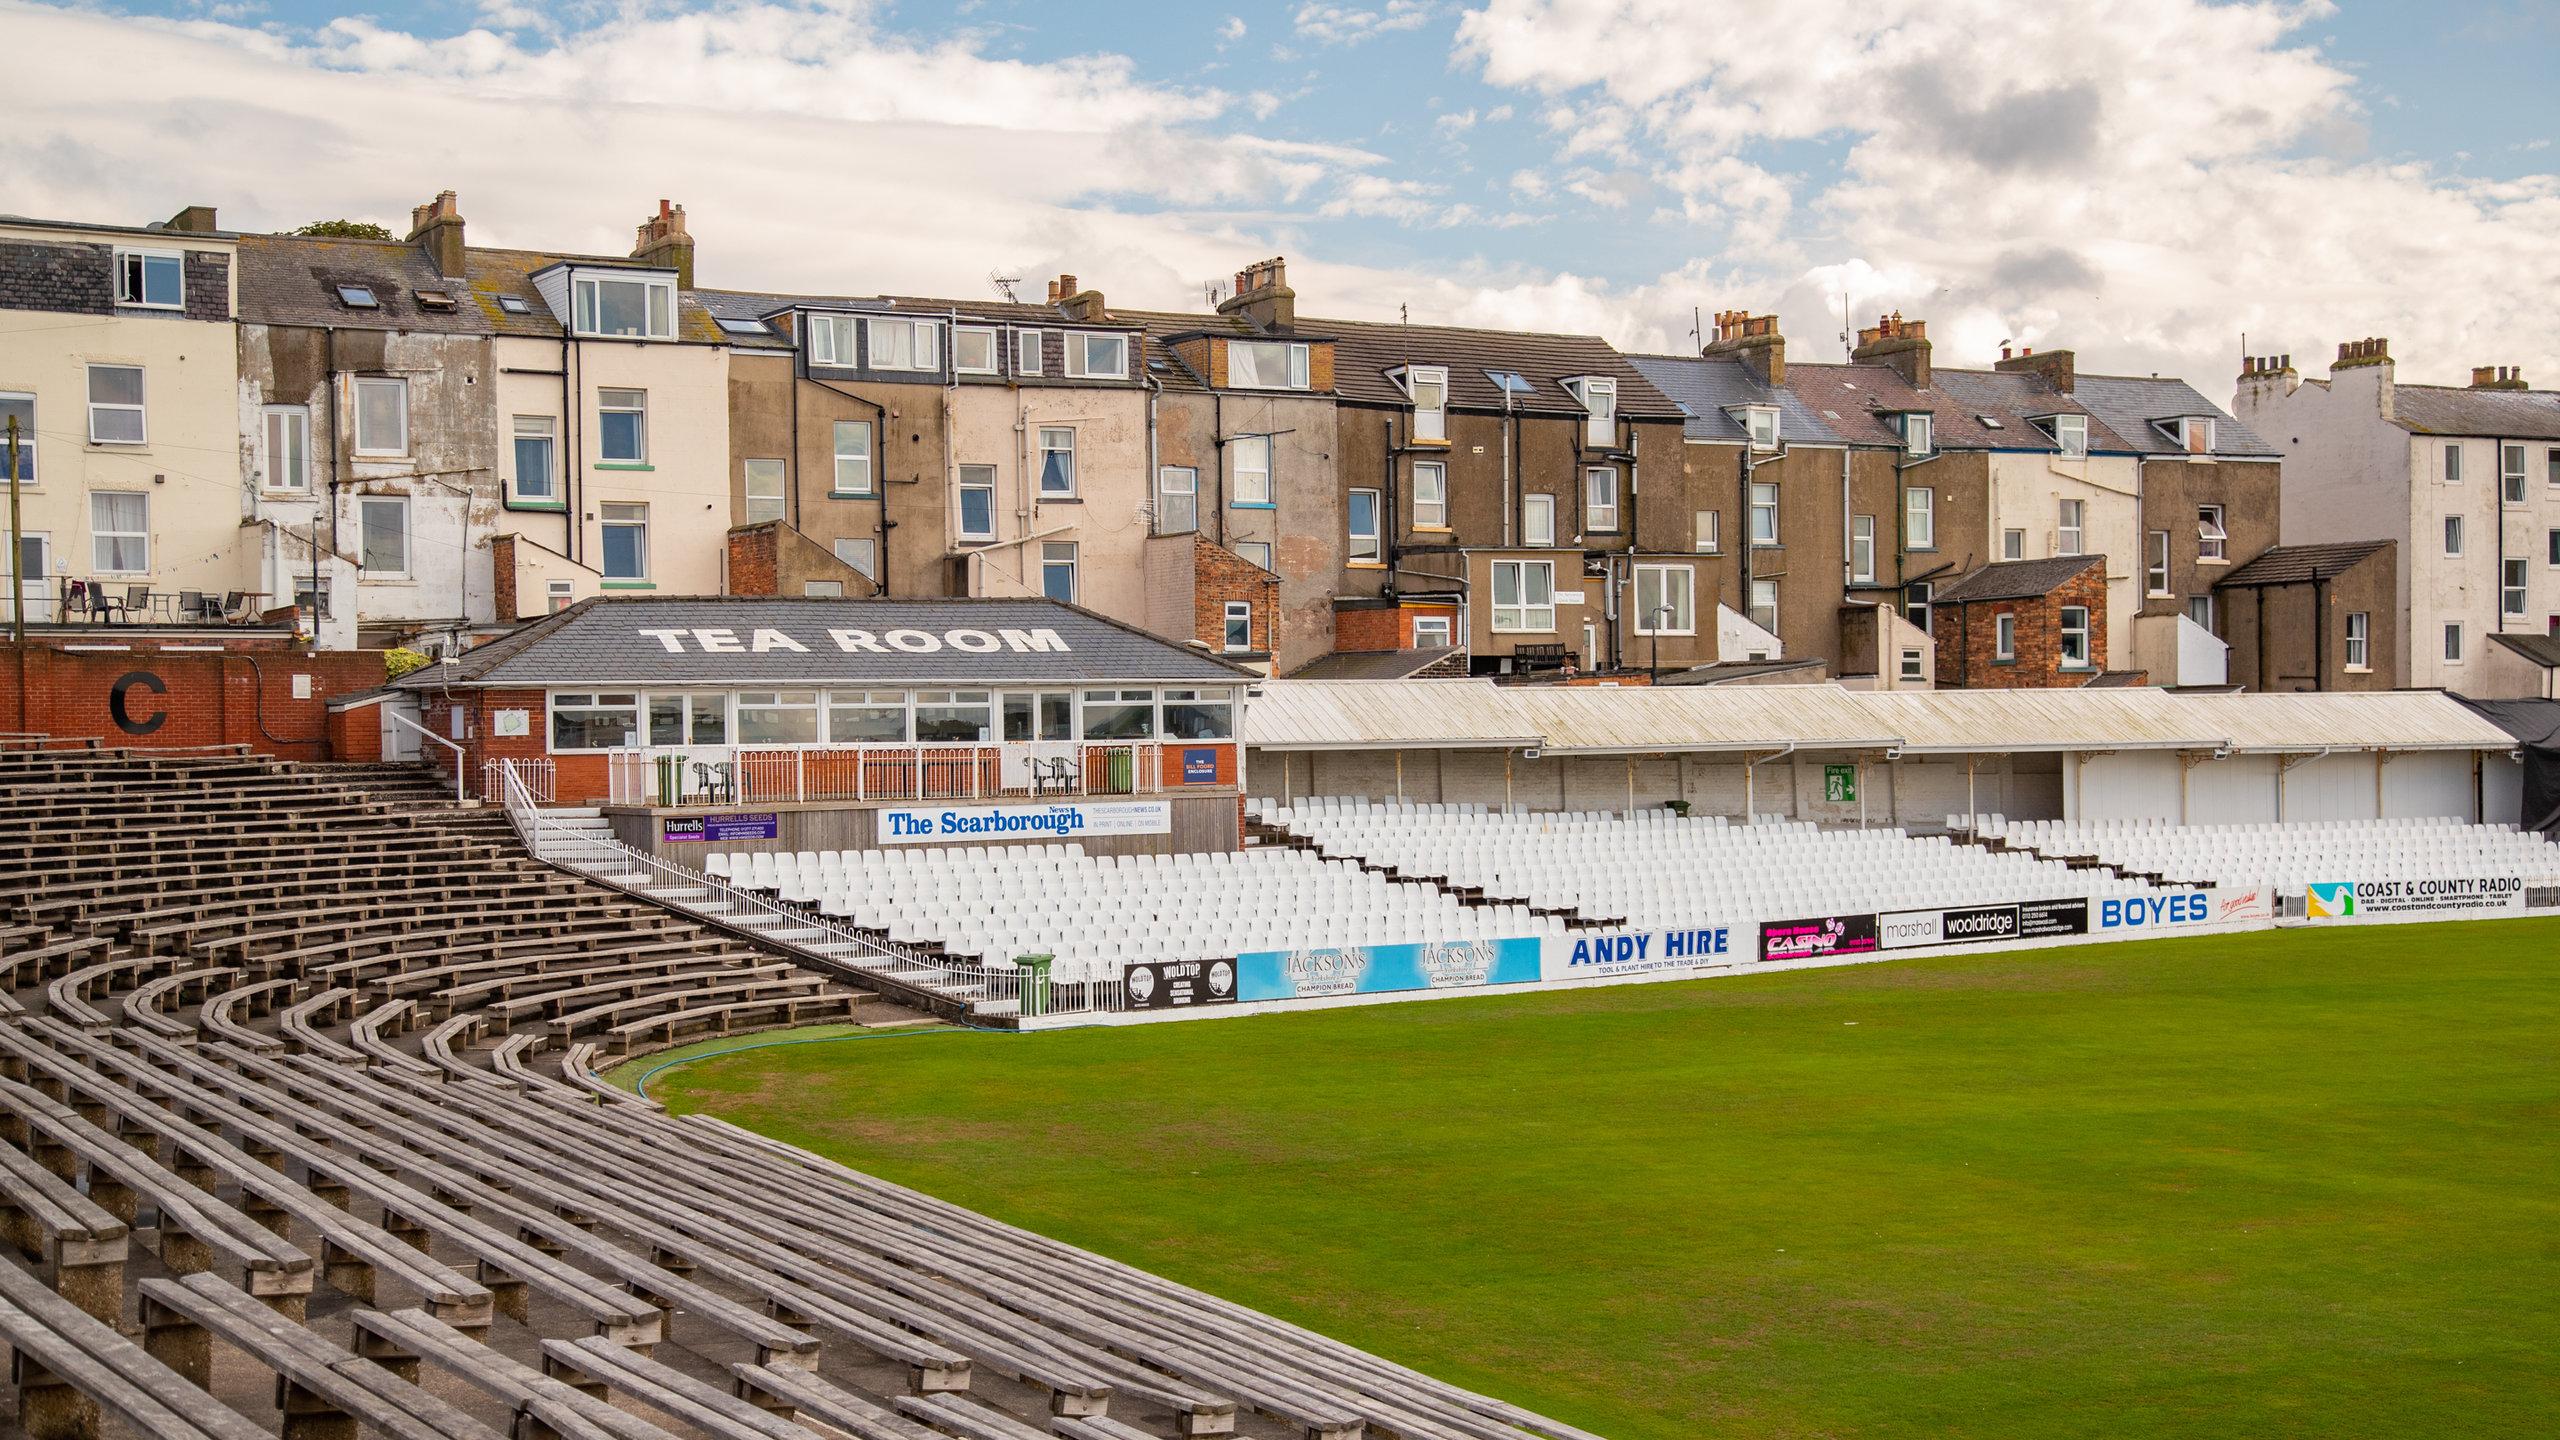 Denne charmerende klub afholder cricketkampe i løbet af sommeren, men den er dog bedst kendt for sin årlige cricketfestival, der har fundet sted næsten hver sommer siden 1876.